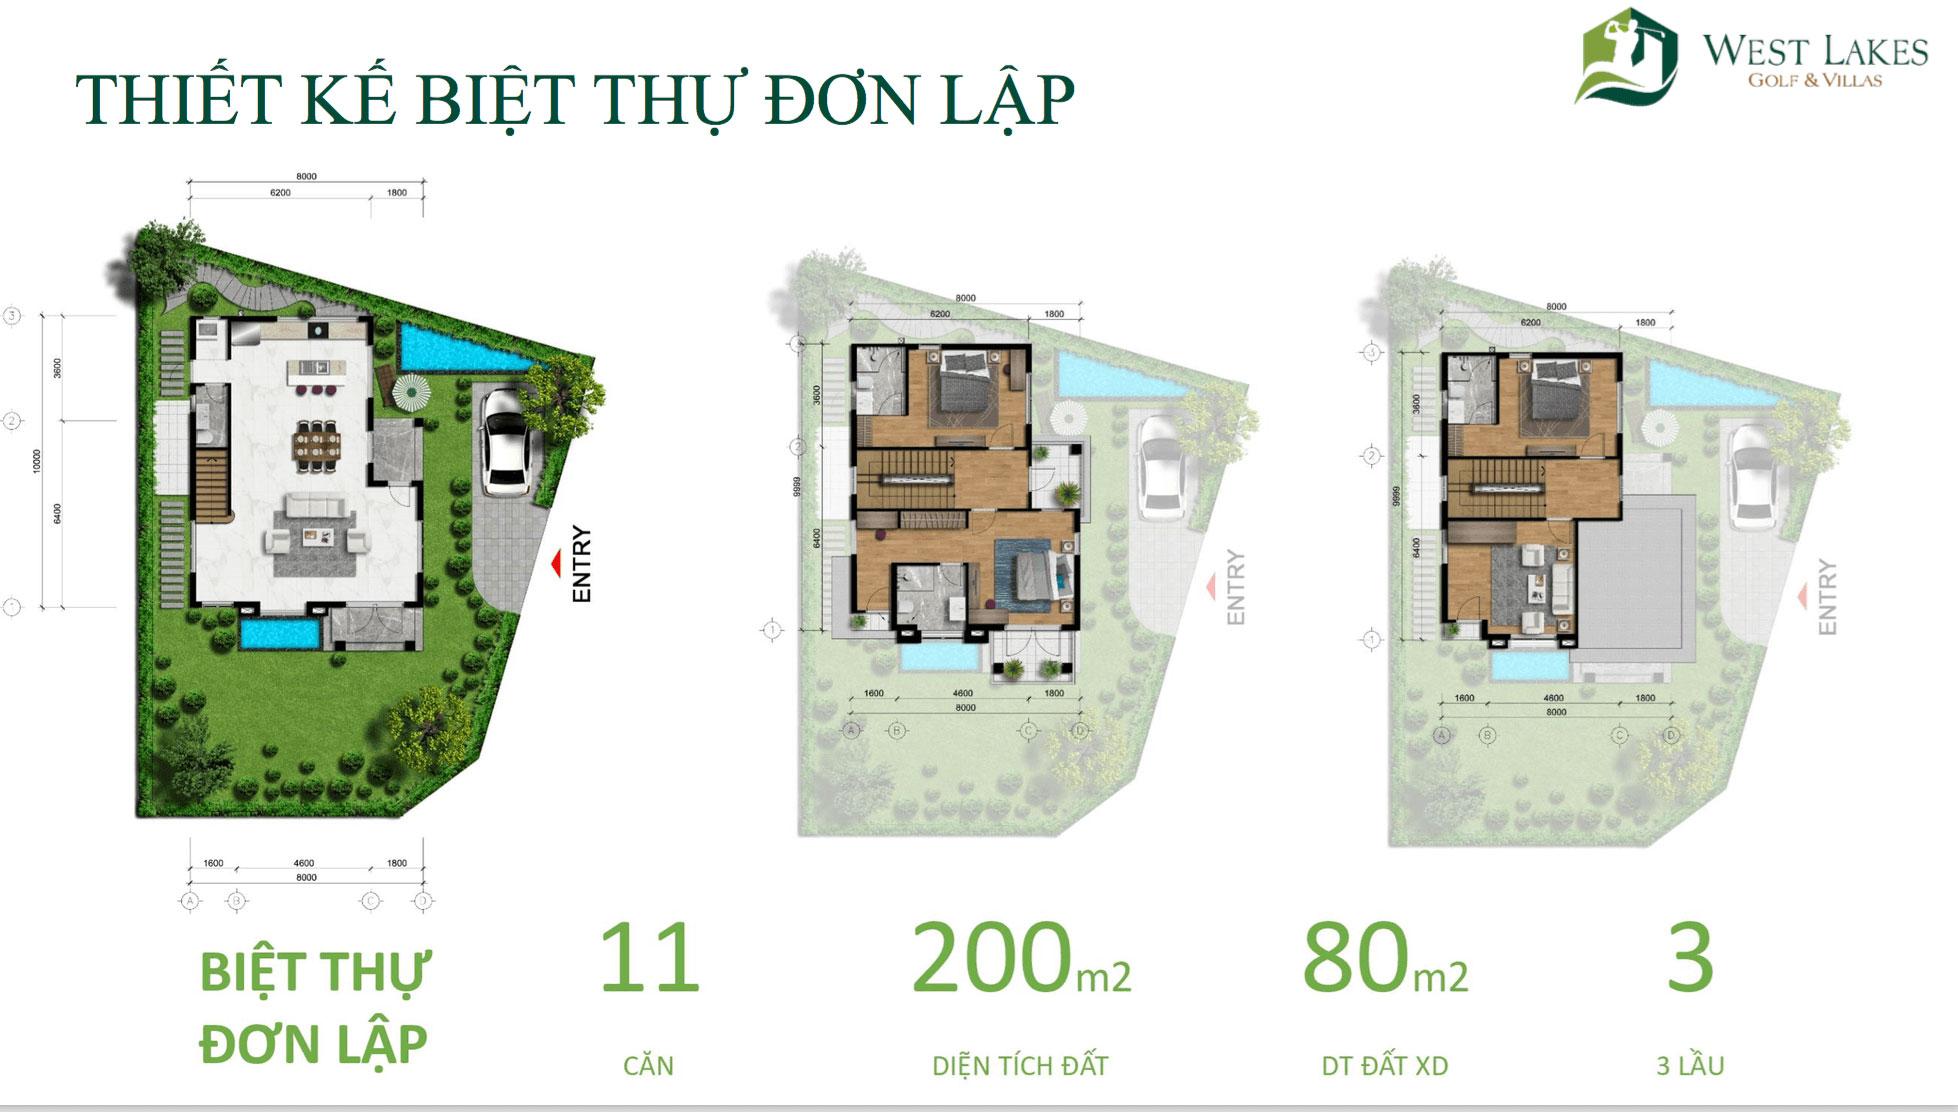 Thiết kế biệt thự đơn lập West Lakes Golf & Villas hình 1biet thu don lap west lakes golf villas hinh 1